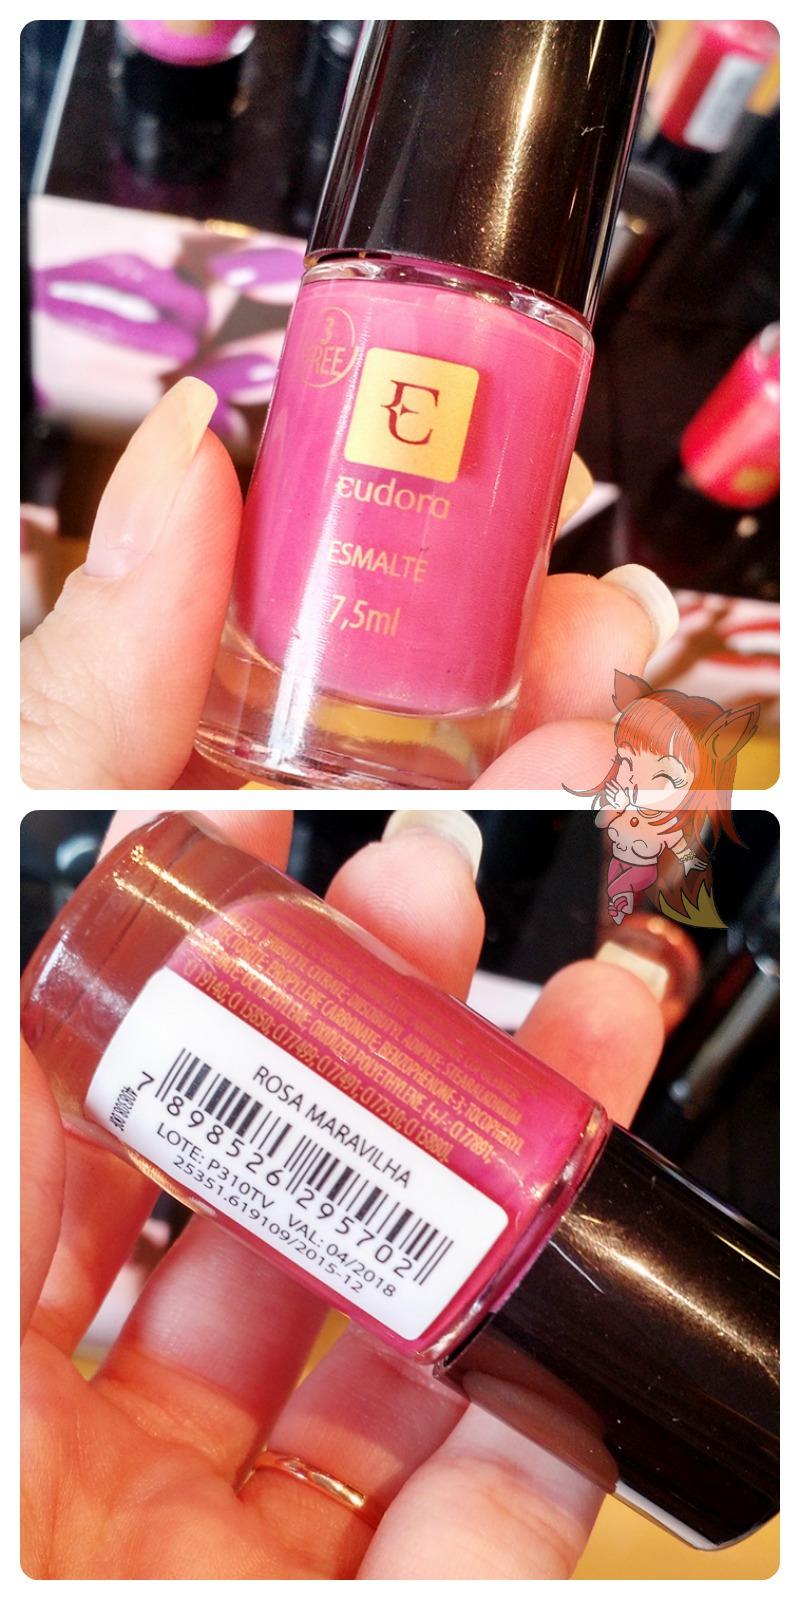 Lançamento Esmaltes Eudora :: Rosa Maravilha - Resenha